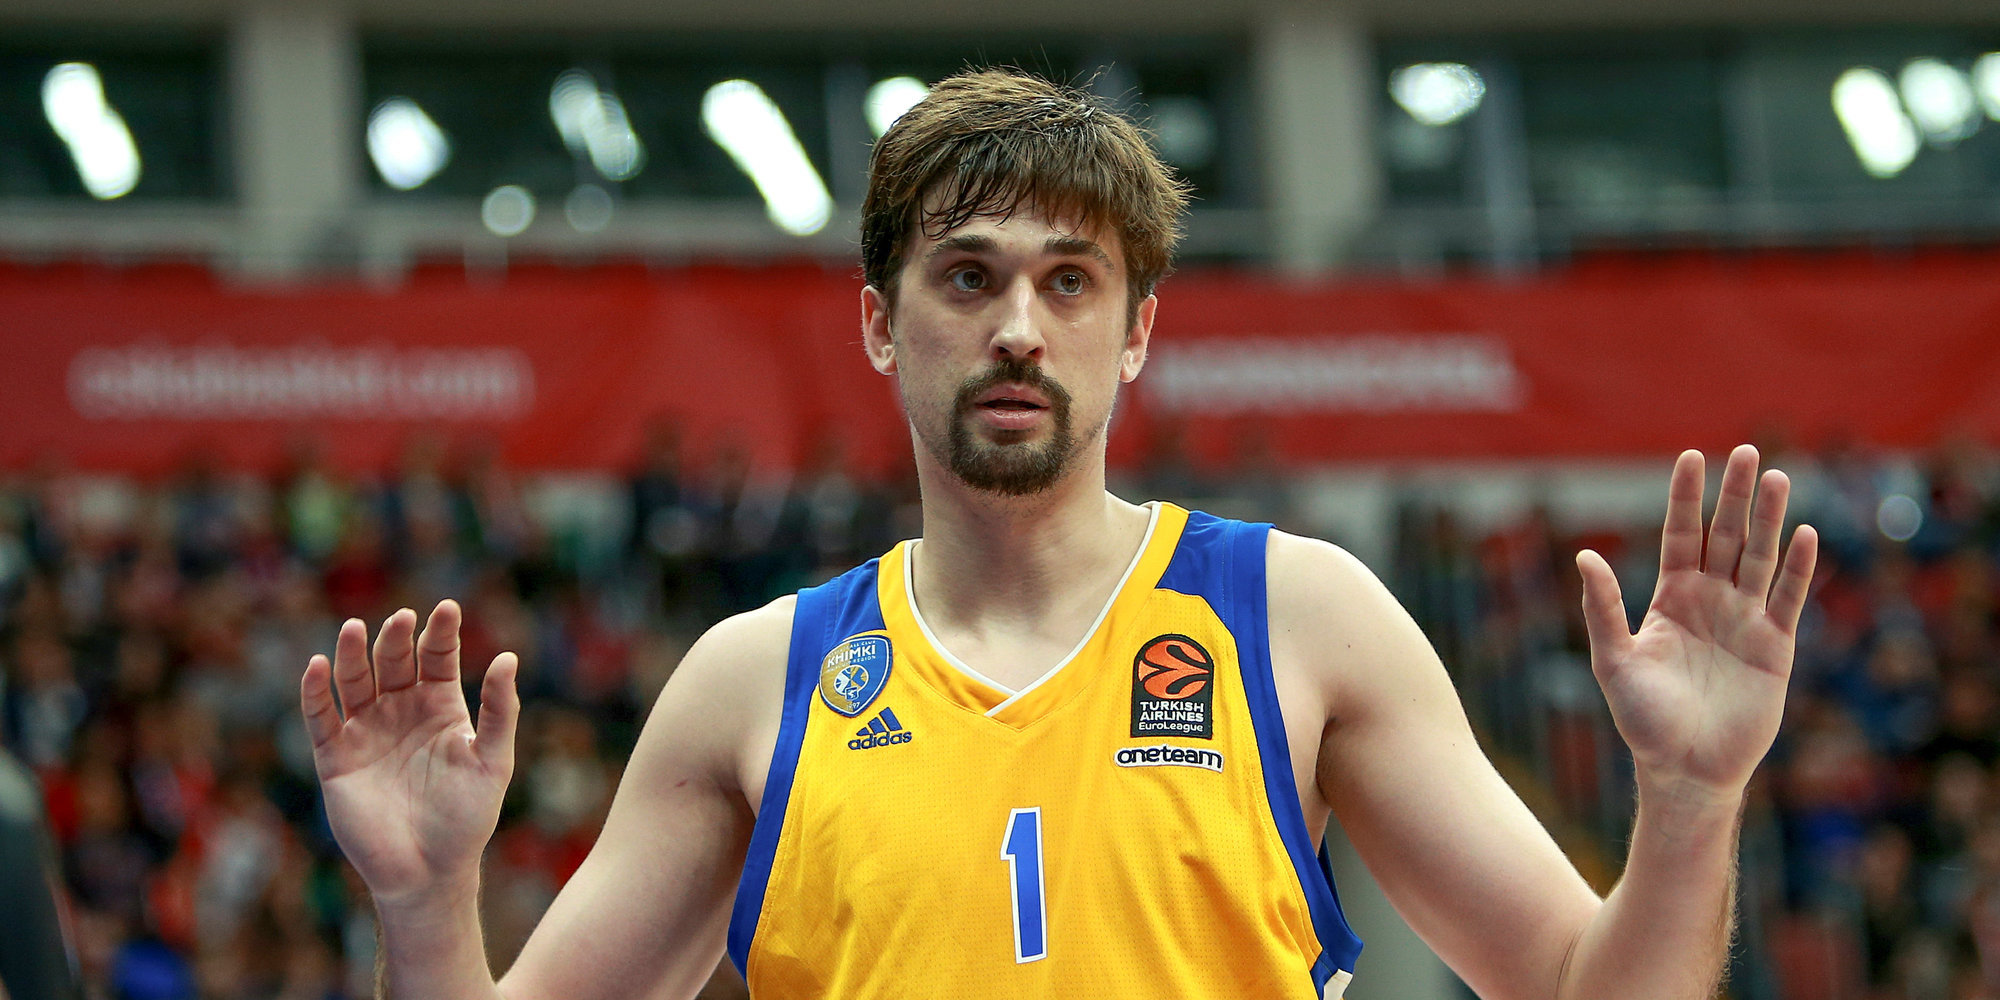 Алексей Швед стал первым игроком в истории Единой лиги, набравшим больше 3 тысяч очков